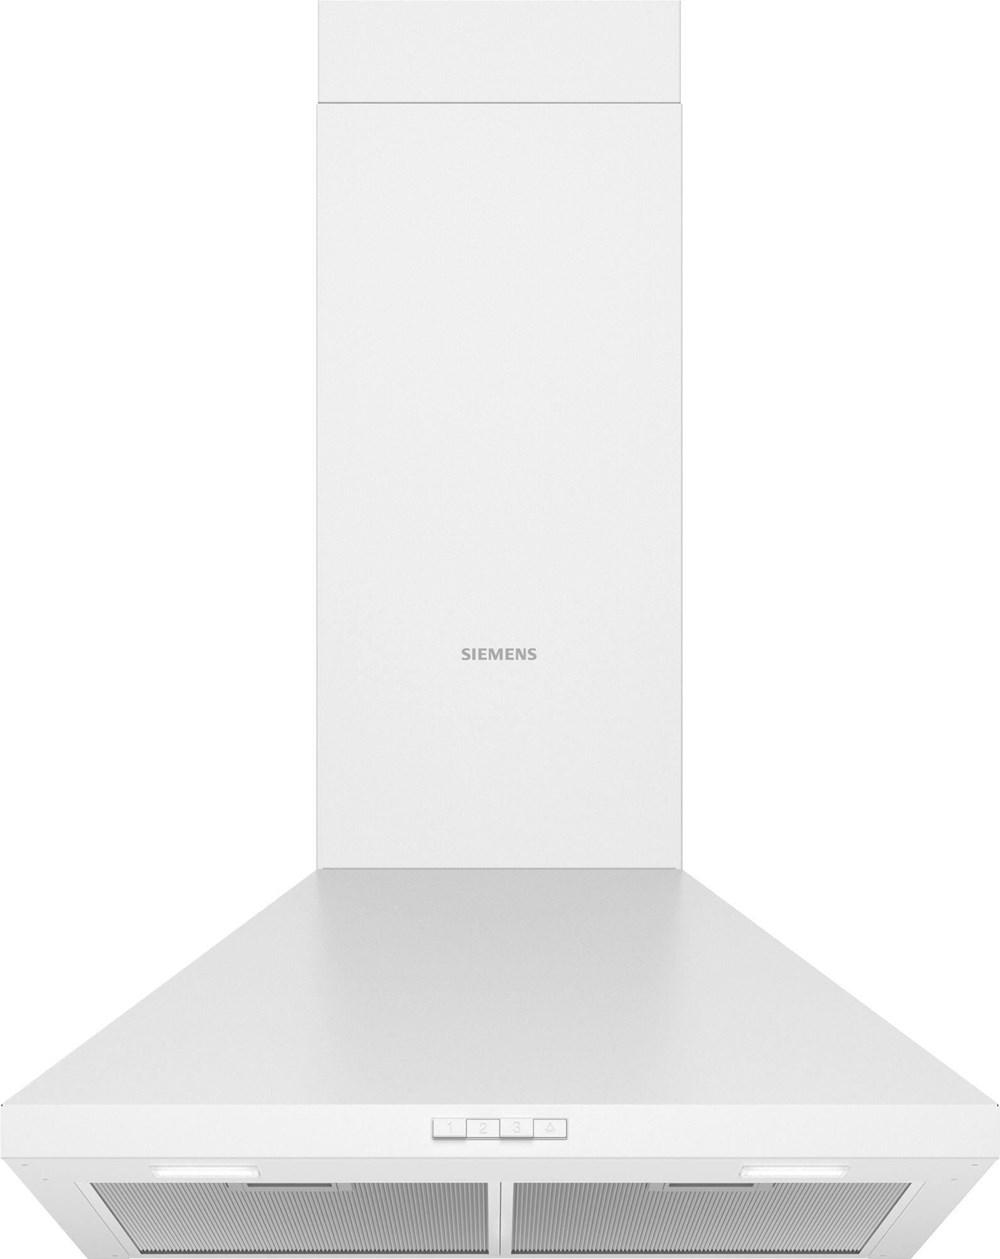 siemens lc64pbc20 wei 60 cm wand esse dunstabzugshauben computeruniverse. Black Bedroom Furniture Sets. Home Design Ideas